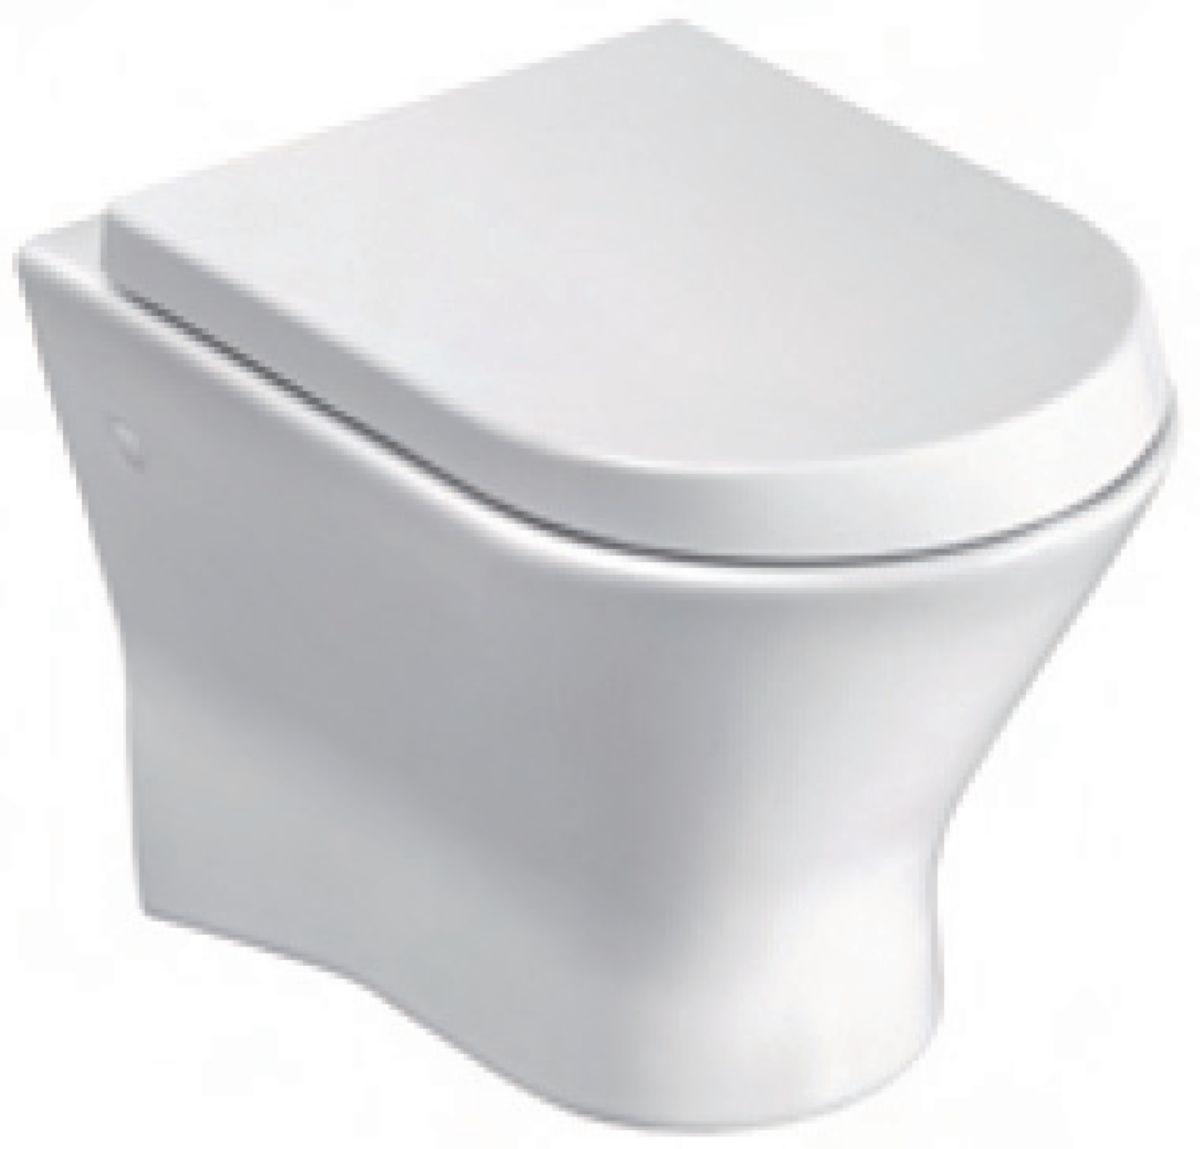 Abattant WC NEXO silensio blanc réf. A80164A004 - ROCA - Sanitaire ...